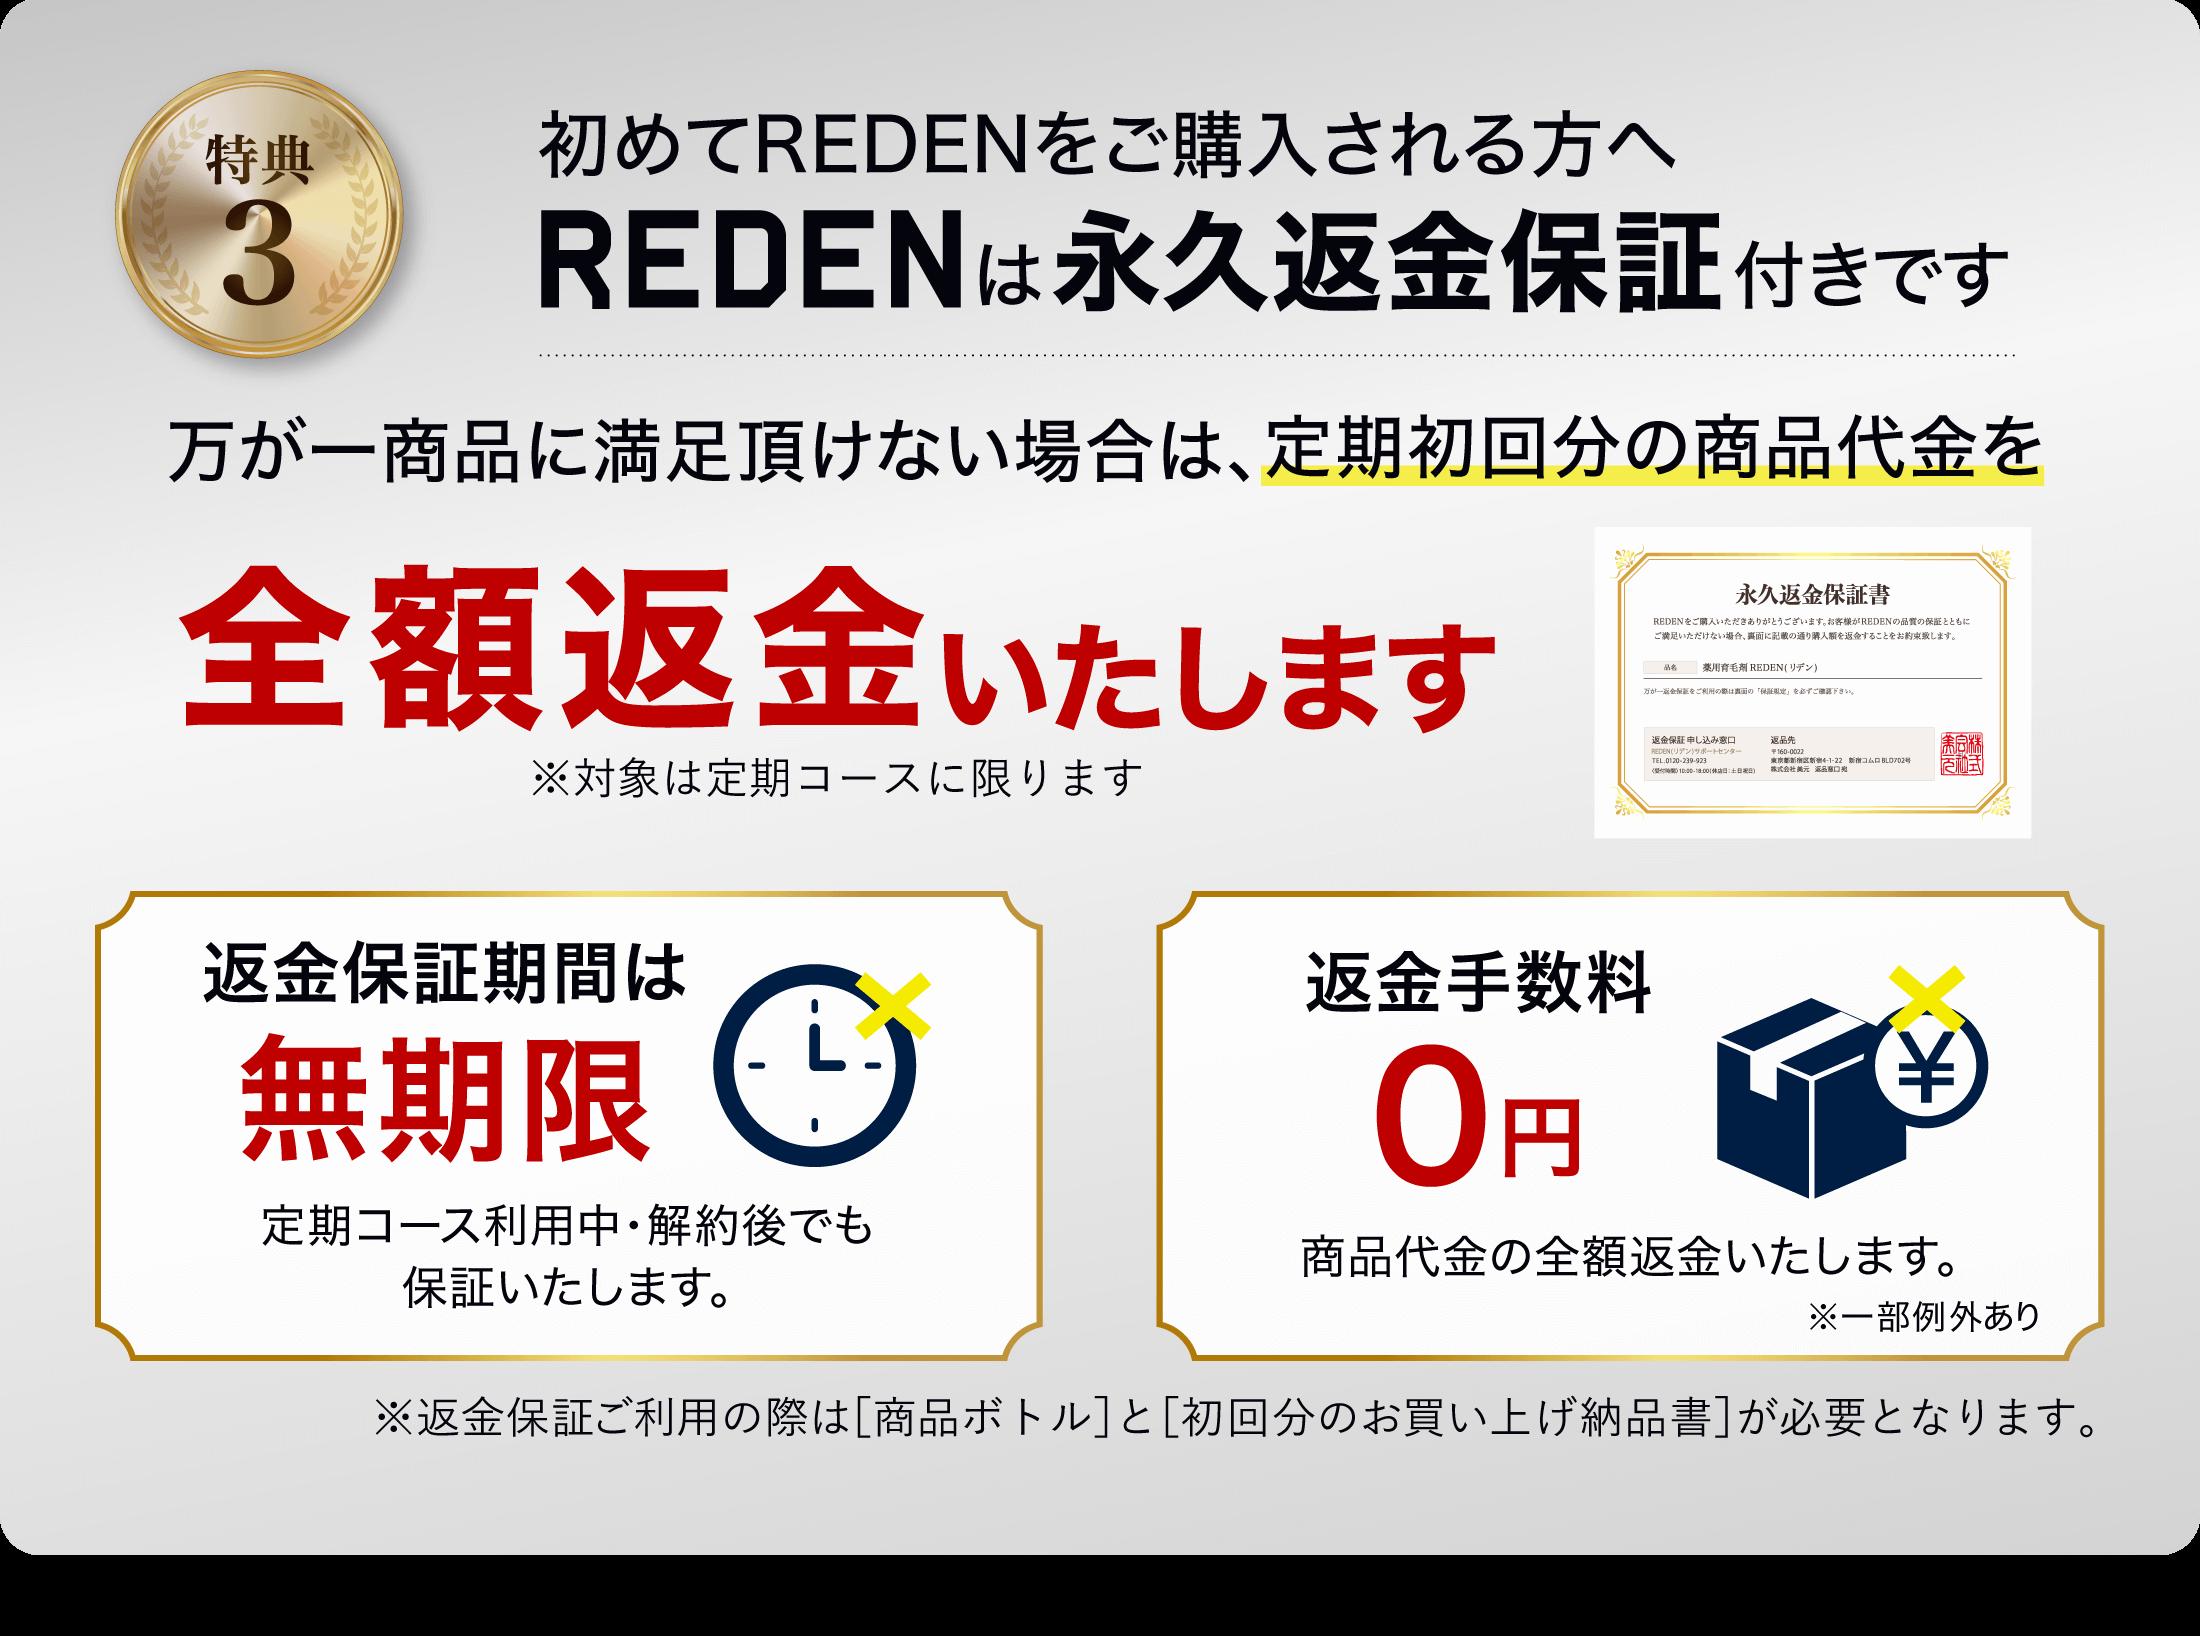 特典3初めてREDENをご購入される方へ、REDENは永久返金保証付きです。